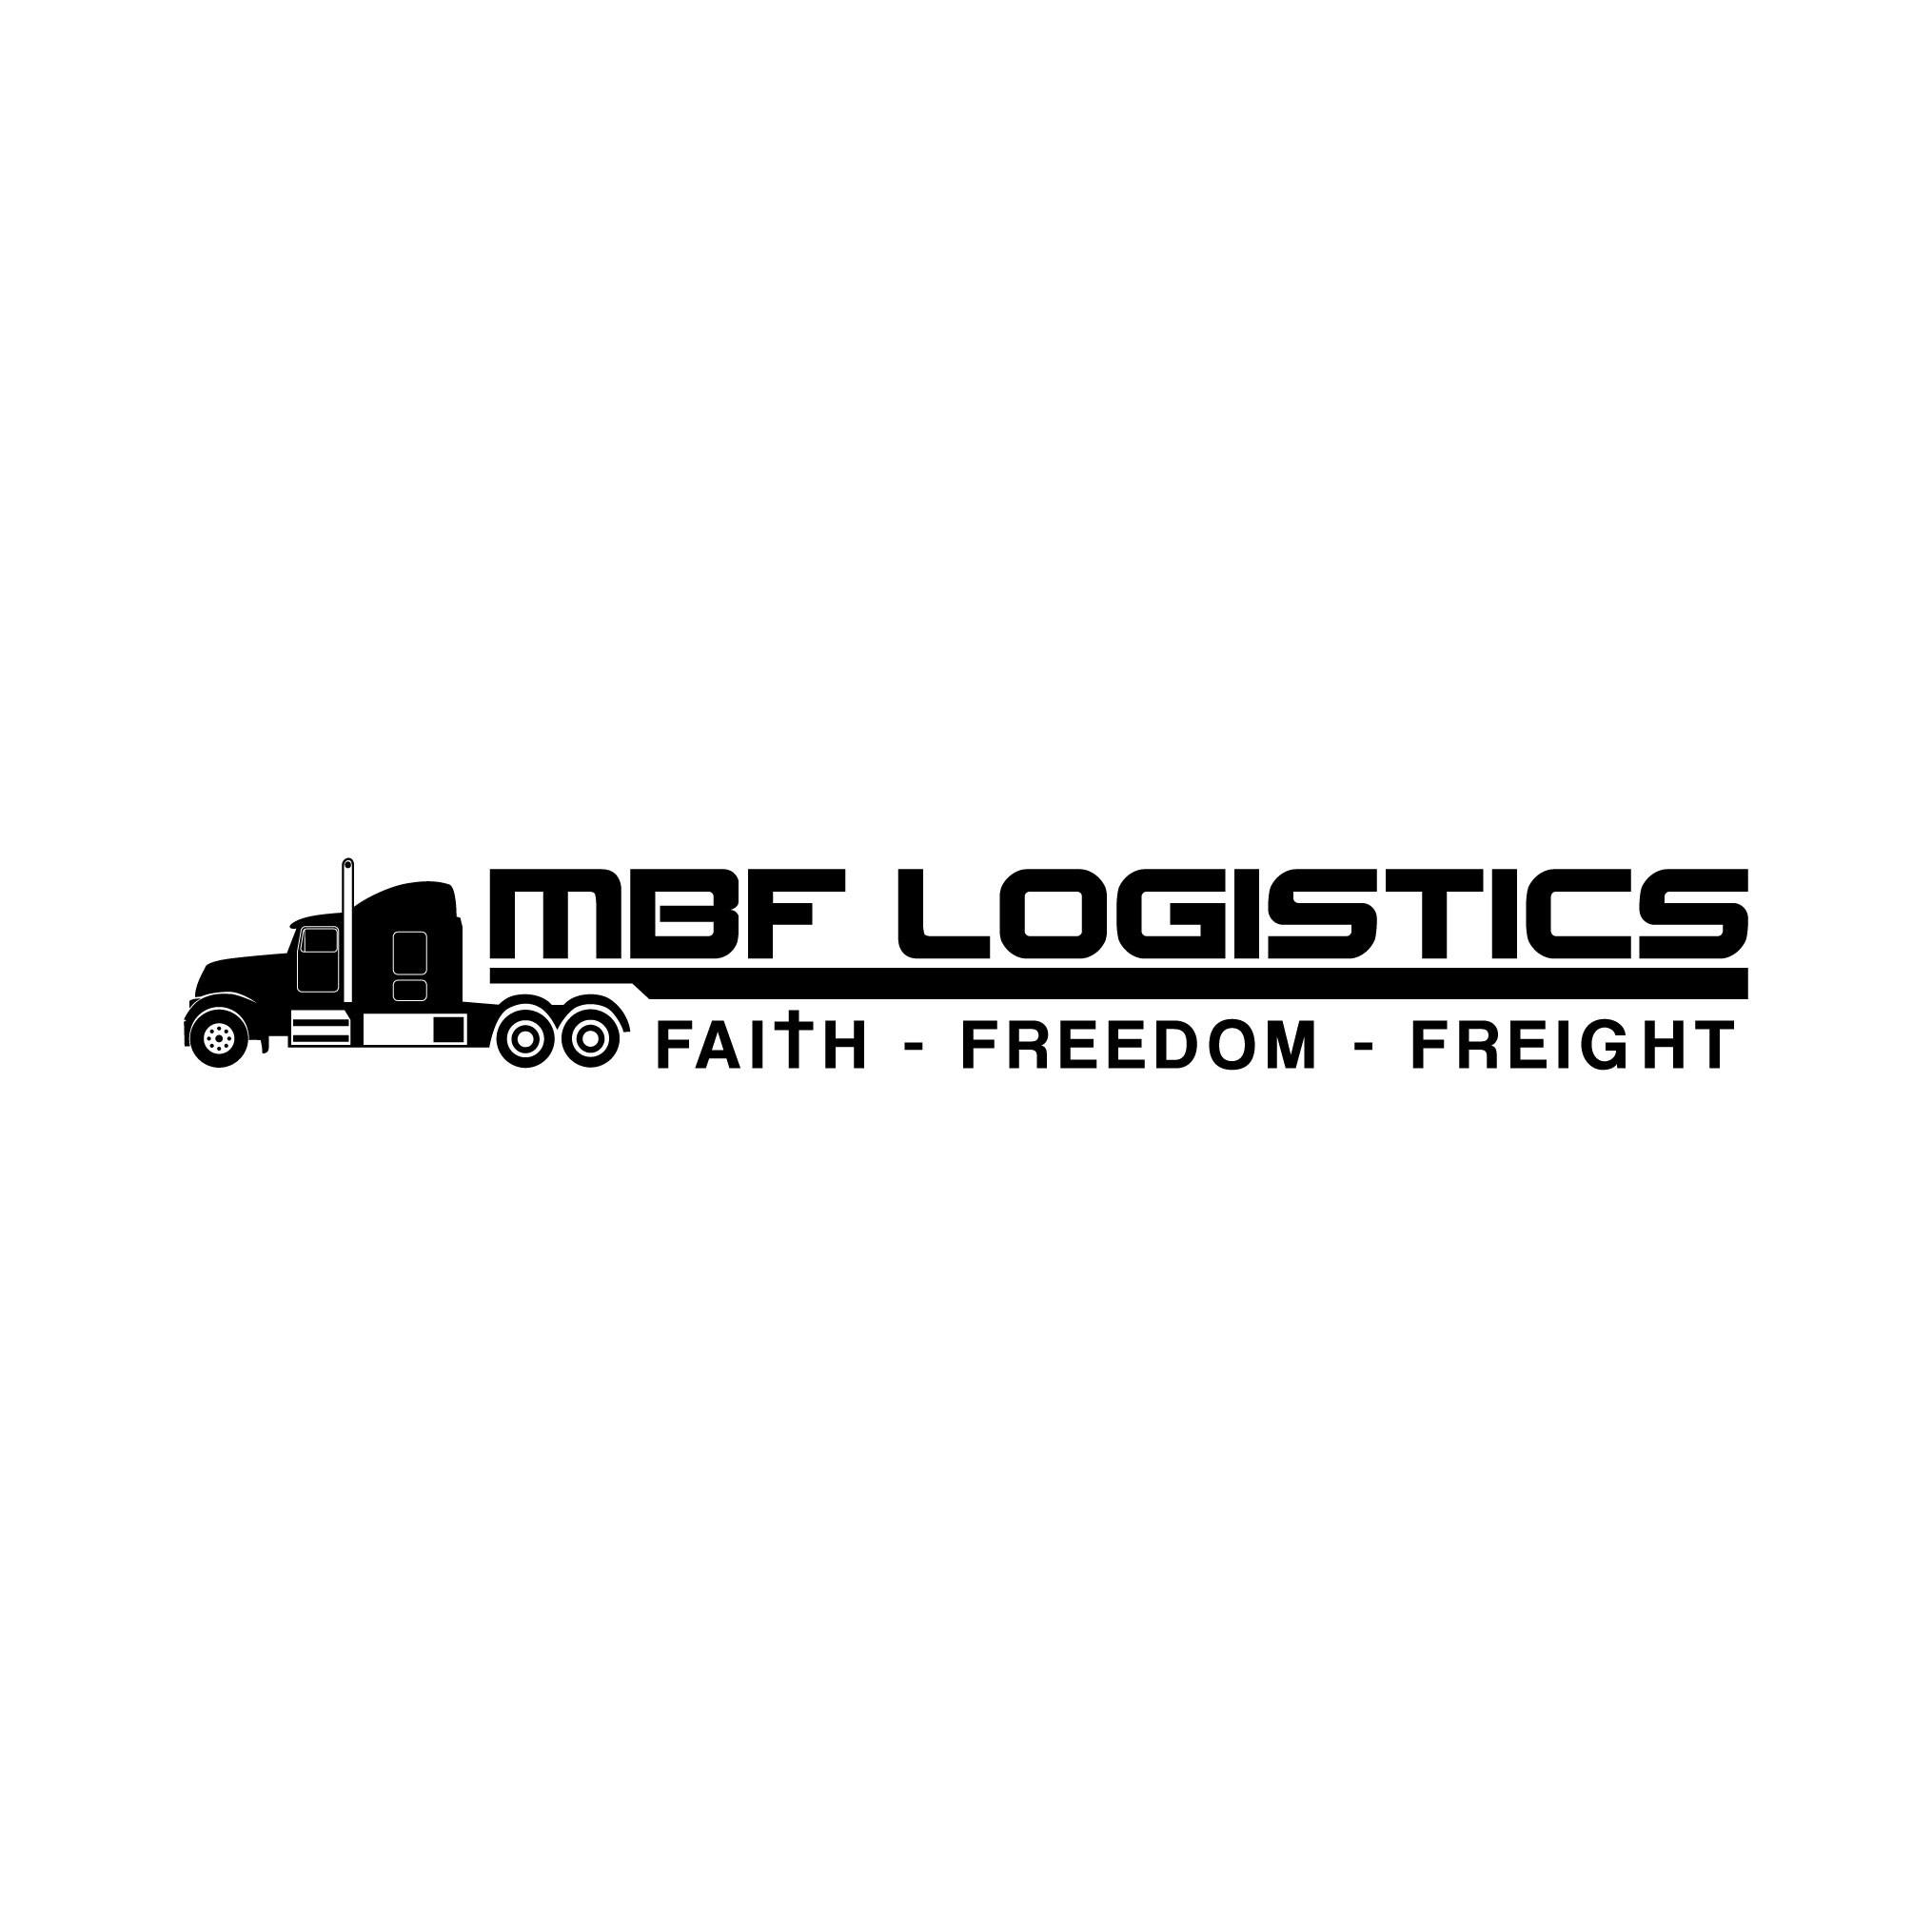 MBF Logistics